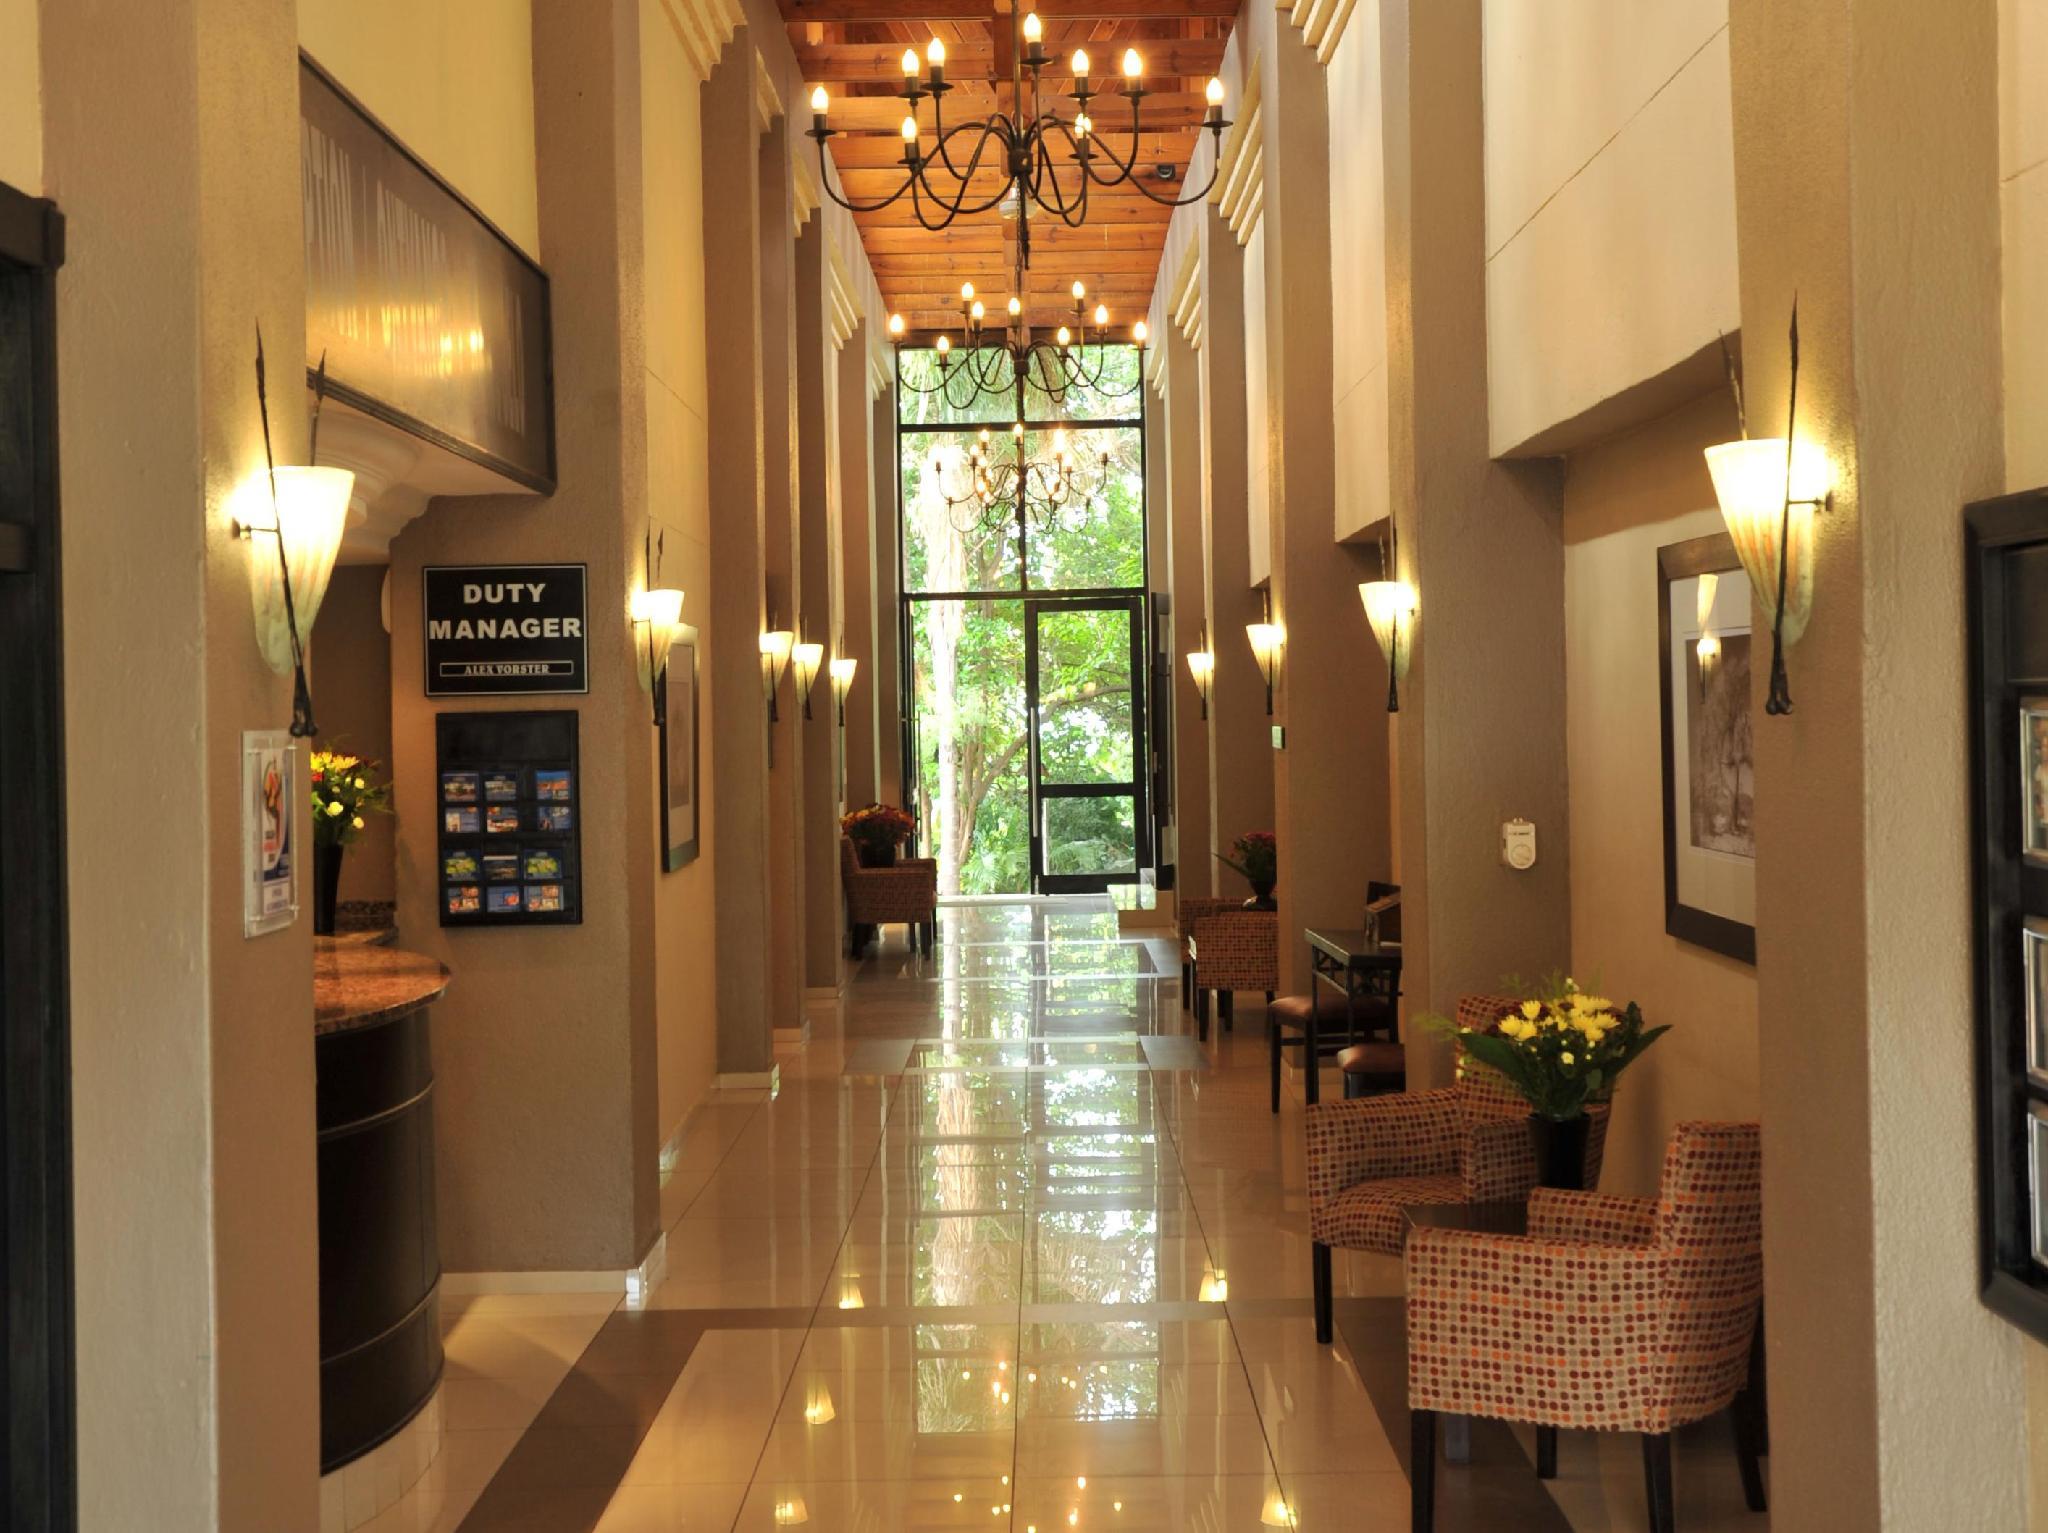 Safari Lodge Hotel And Convention Centre